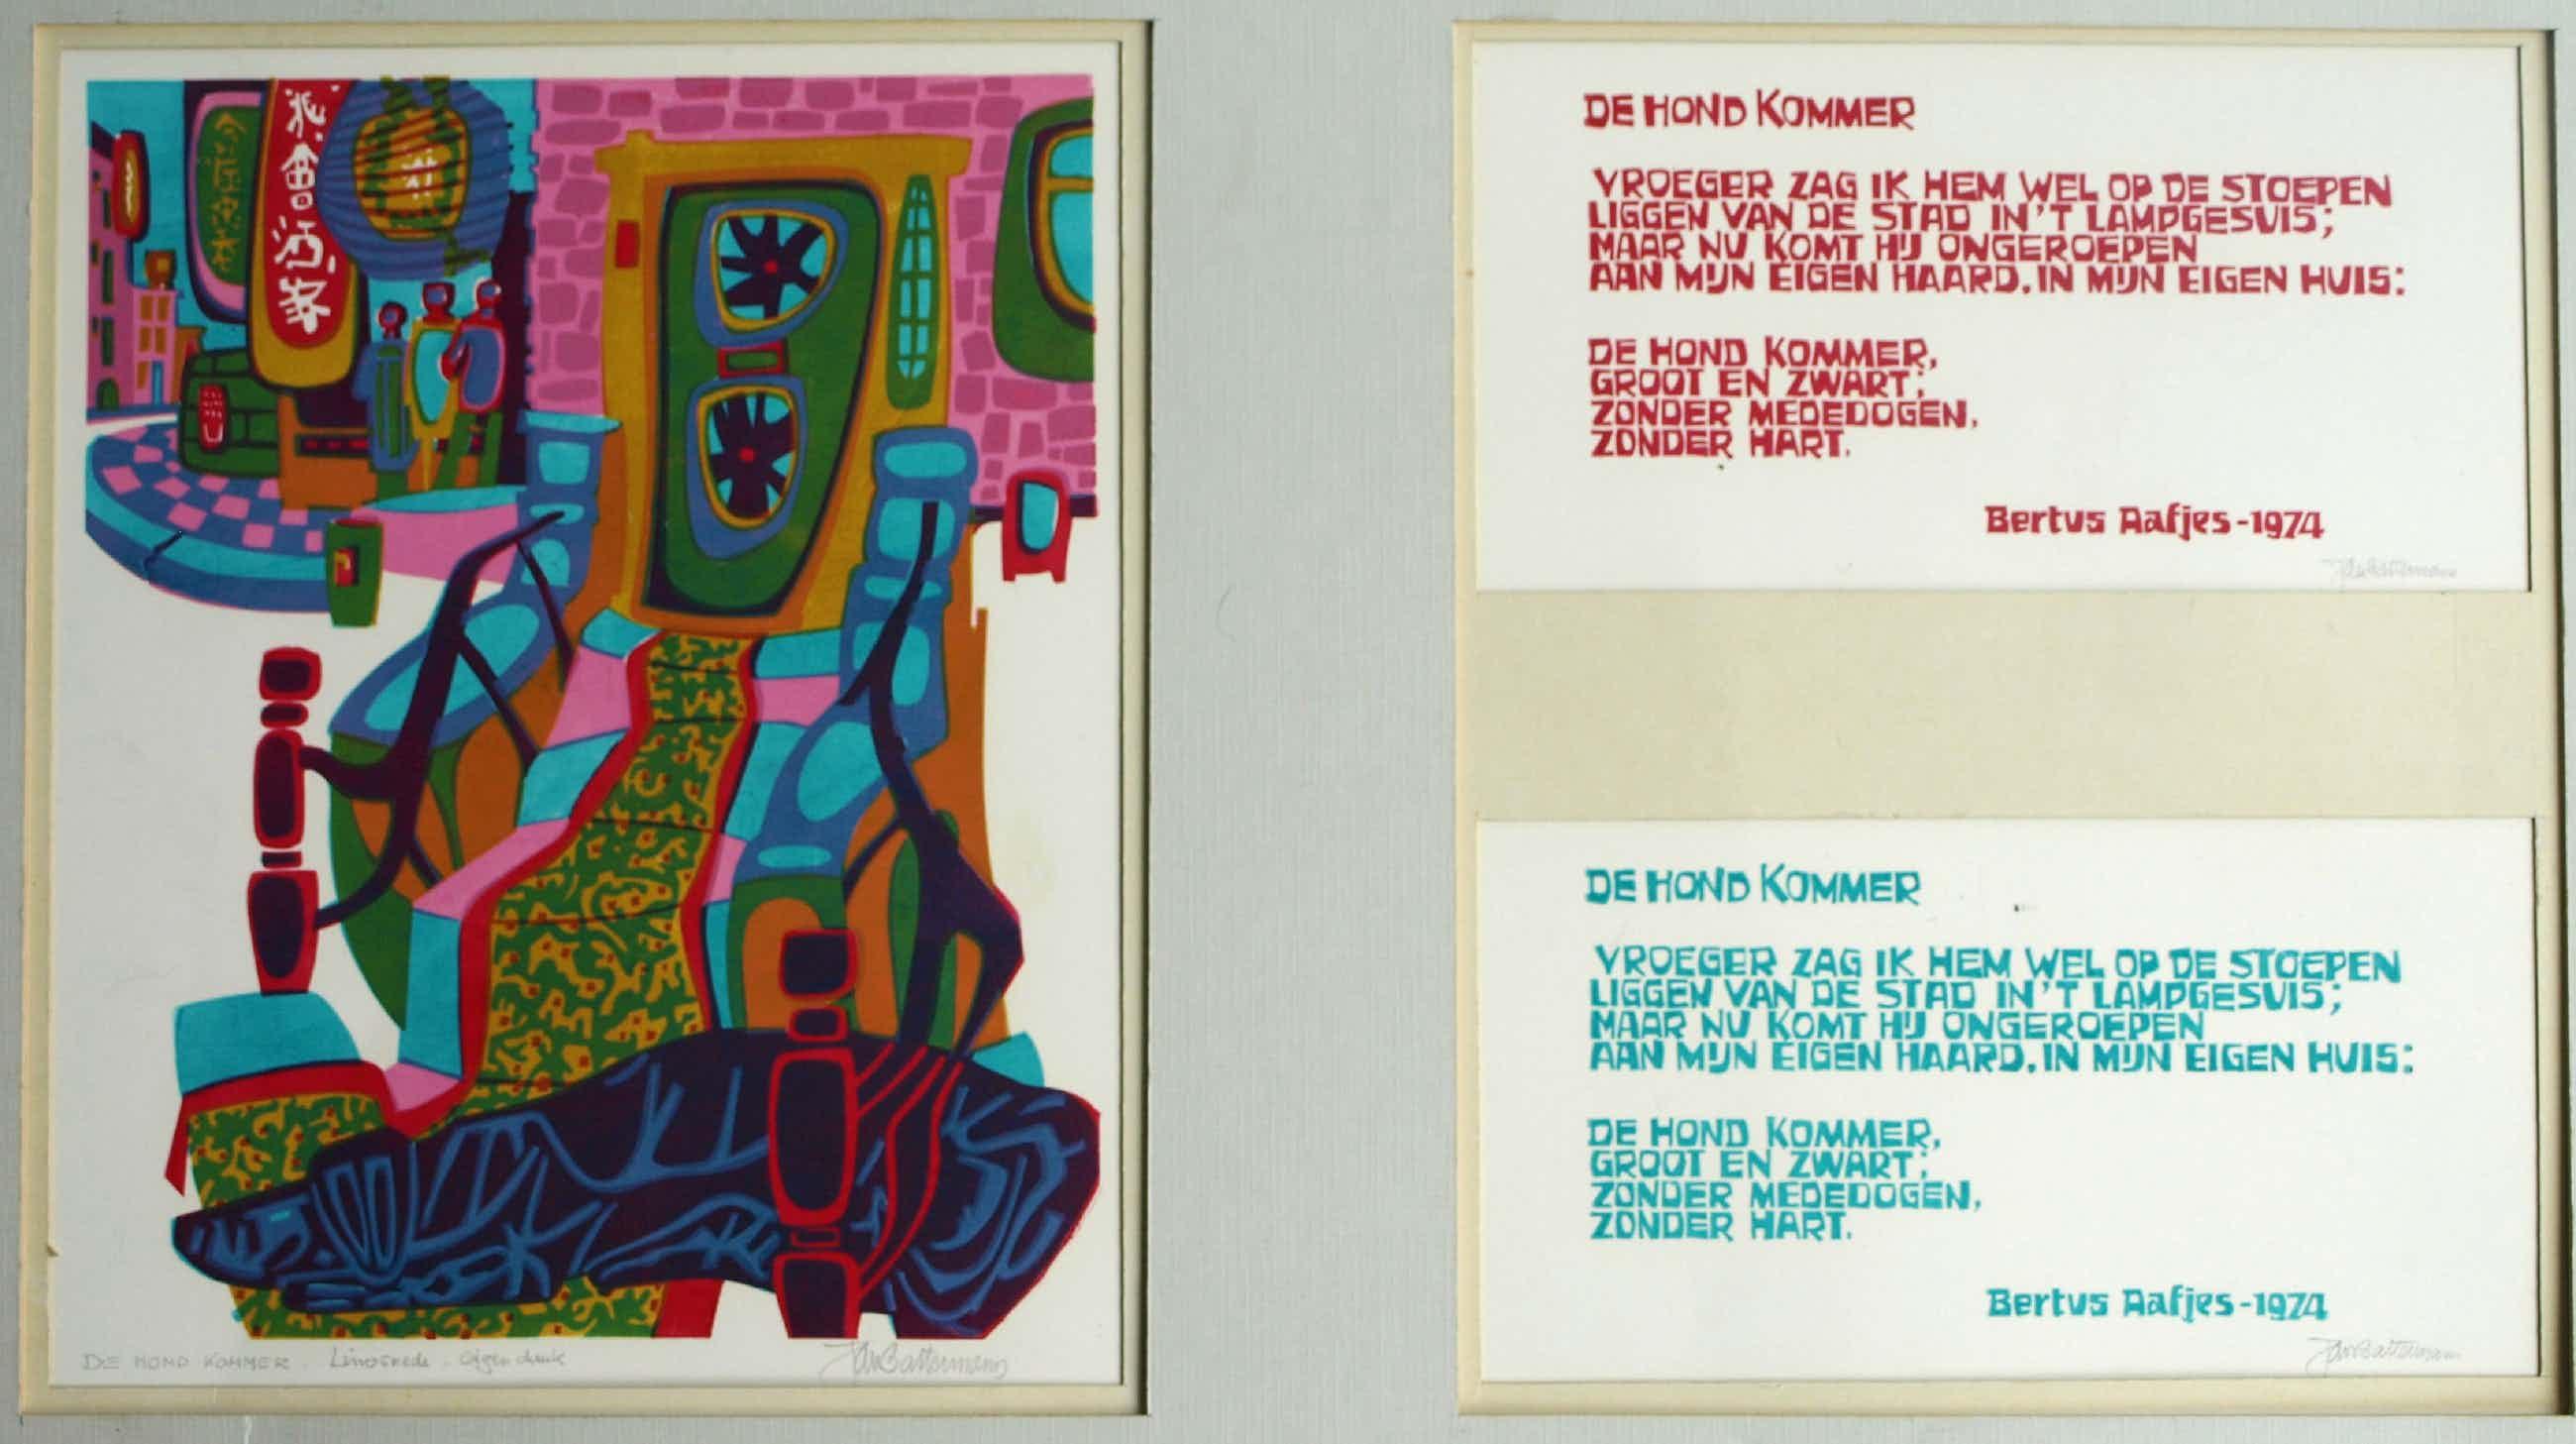 Jan Battermann - Linosnede met een gedicht van Bertus Aafjes , De hond Kommer - 1974 kopen? Bied vanaf 40!